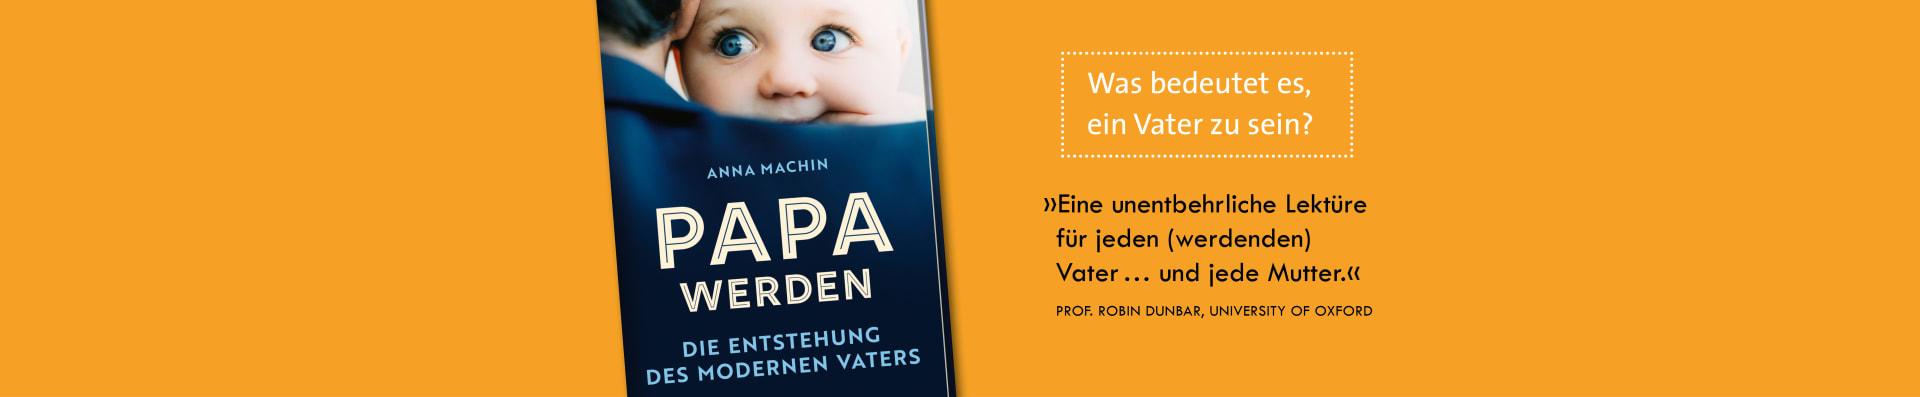 Anna Machin – Papa werden